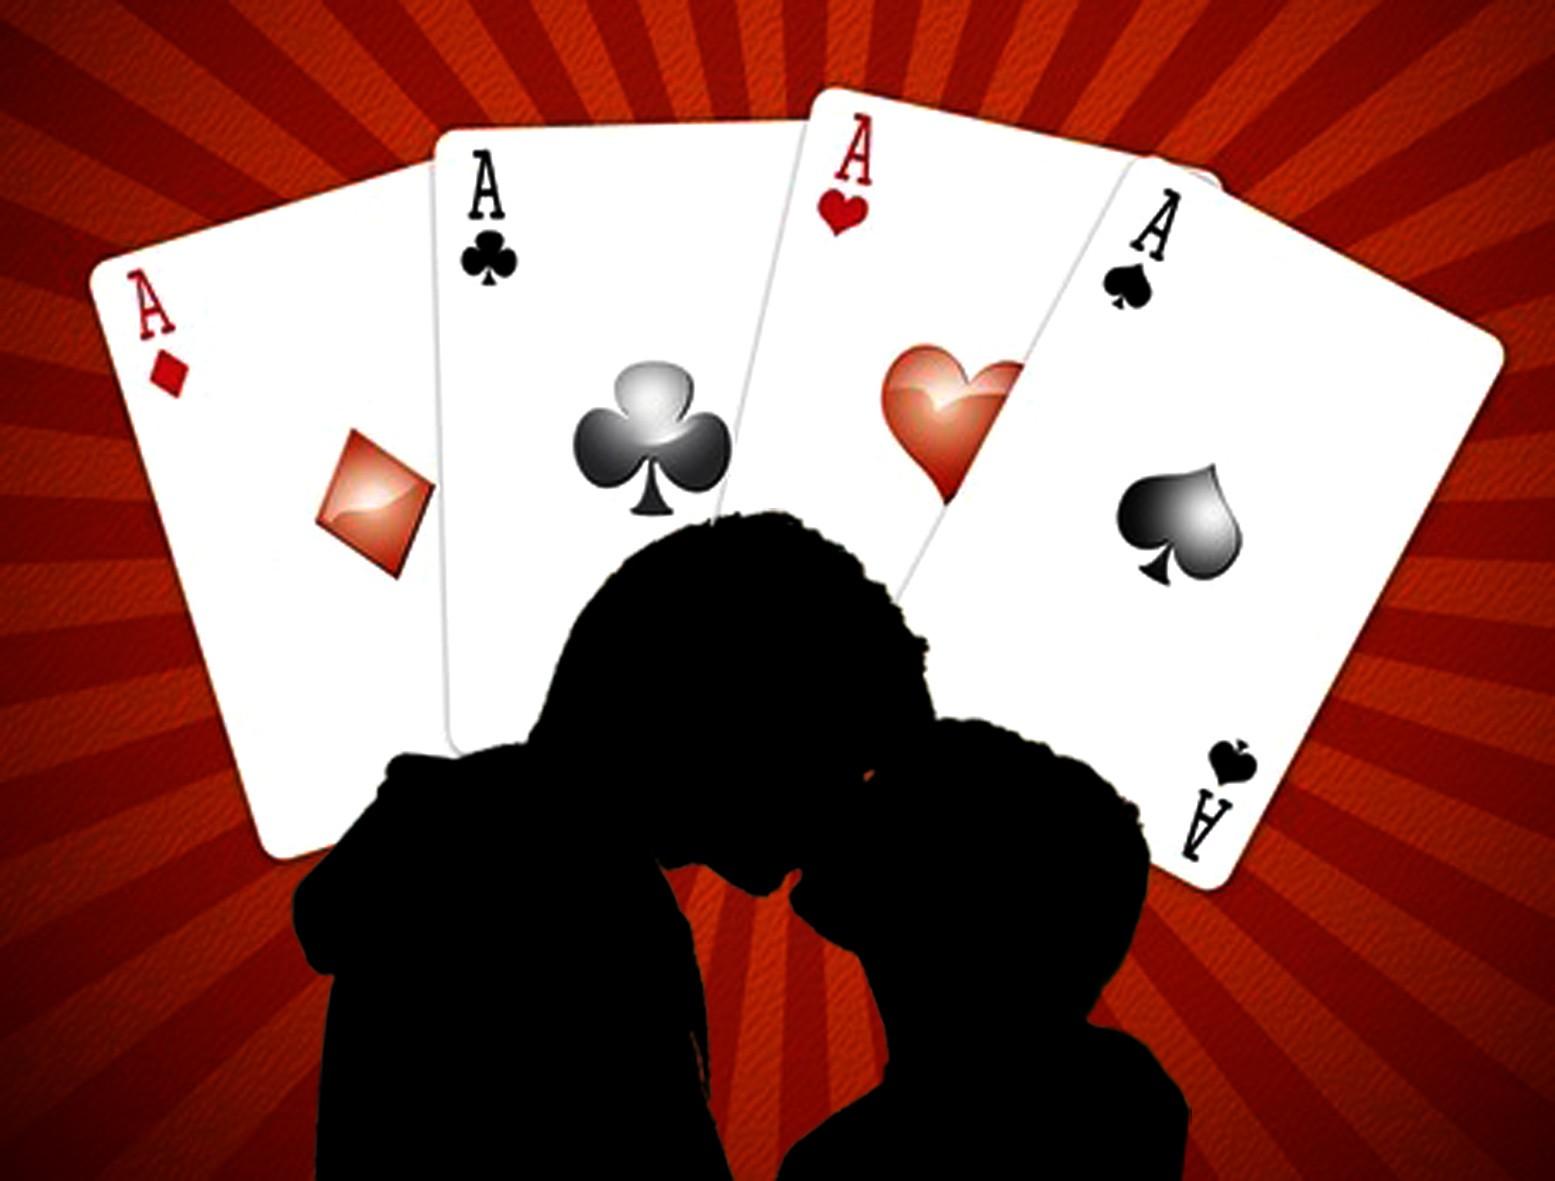 Гадание на картах онлайн на мужчину игральные карты гадание на будущее толкование 36